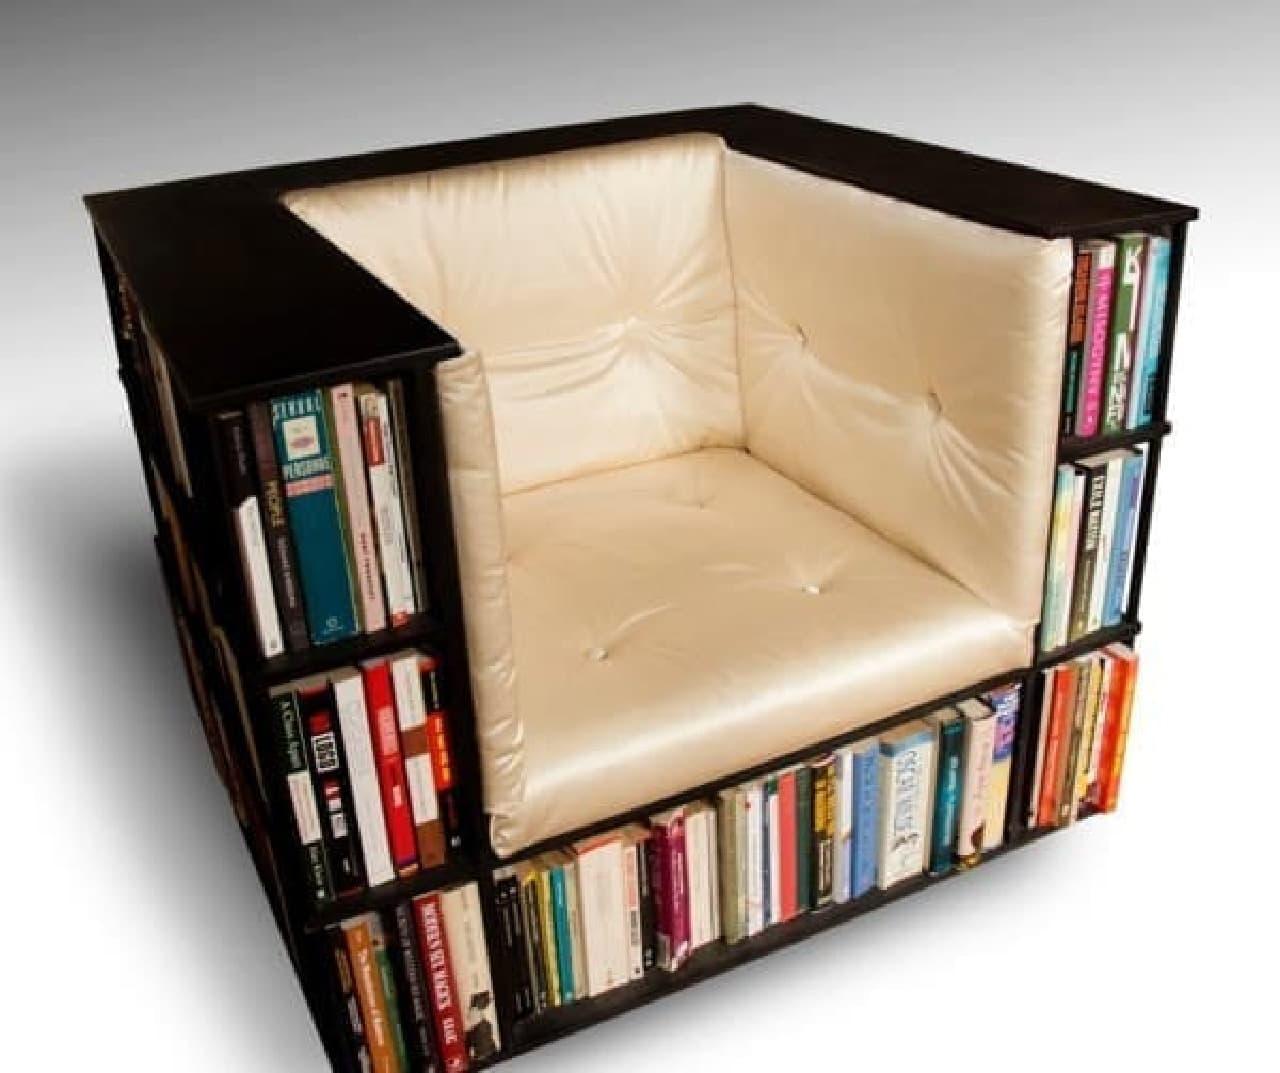 全長8メートルの大容量本棚を備えたソファ  「The Library Chair」